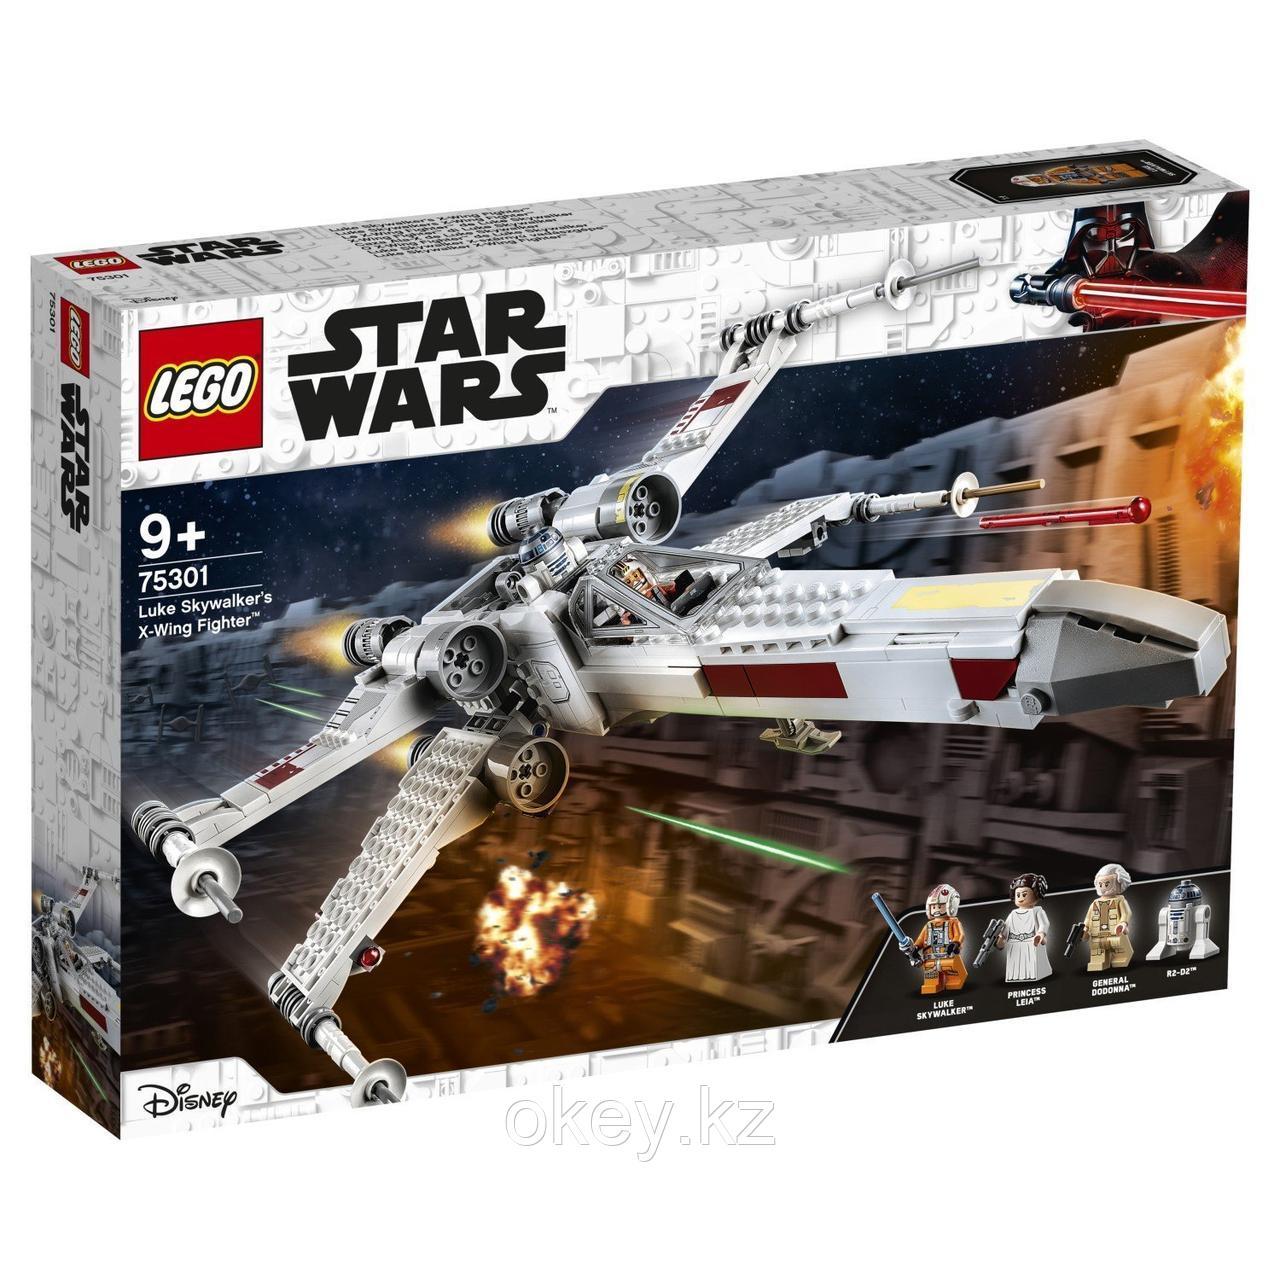 LEGO Star Wars: Истребитель типа Х Люка Скайуокера 75301